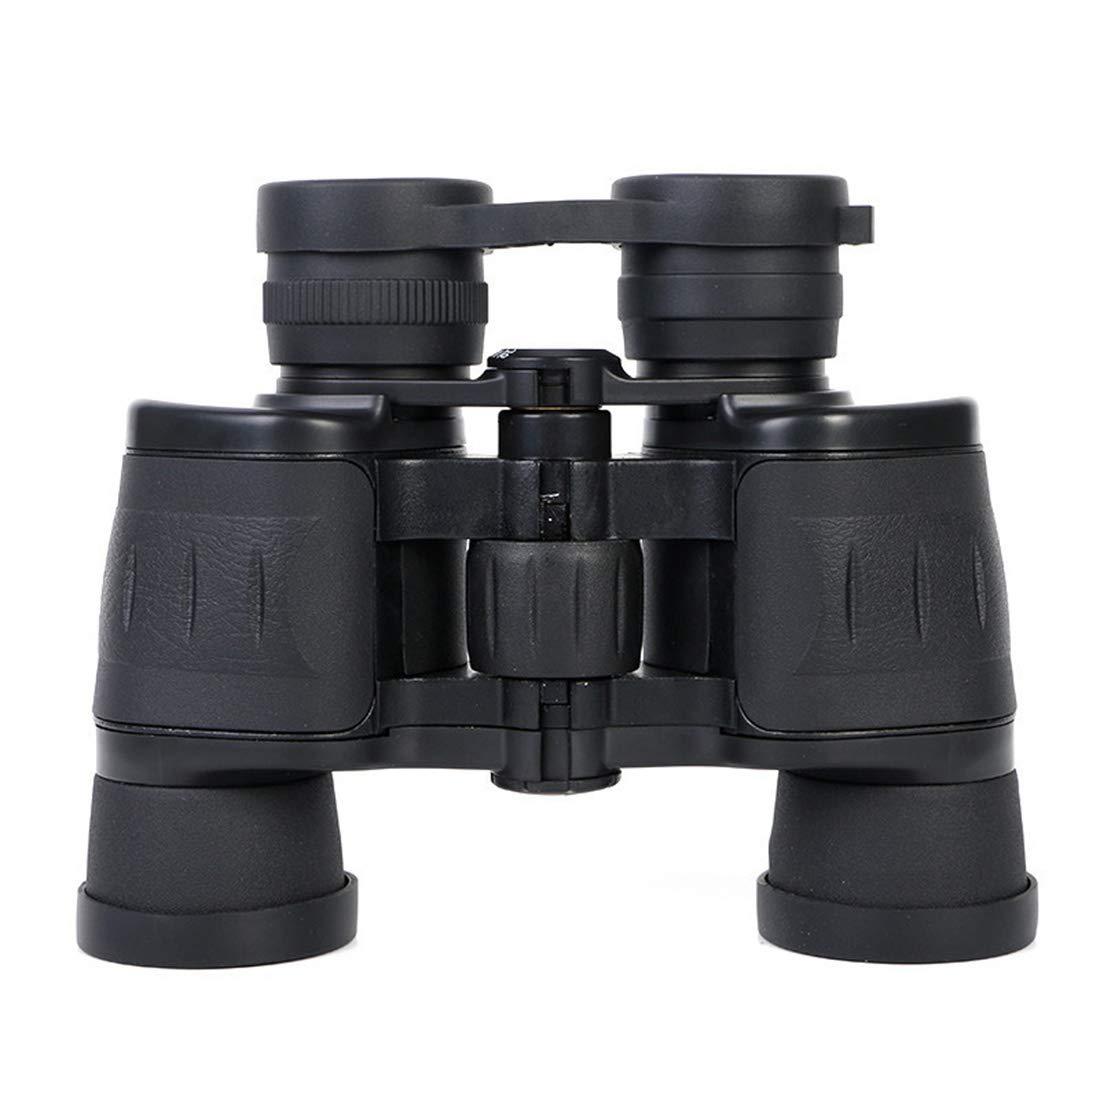 本物の Nekovan 双眼鏡12x42 HDズームナイトビジョンコンサートビュー屋外用バード望遠鏡 B07Q7G99HK ブラック ブラック 双眼鏡12x42 B07Q7G99HK, ソファ専門店 ROYAL SOFAS:adb2d4c5 --- berkultura.ru